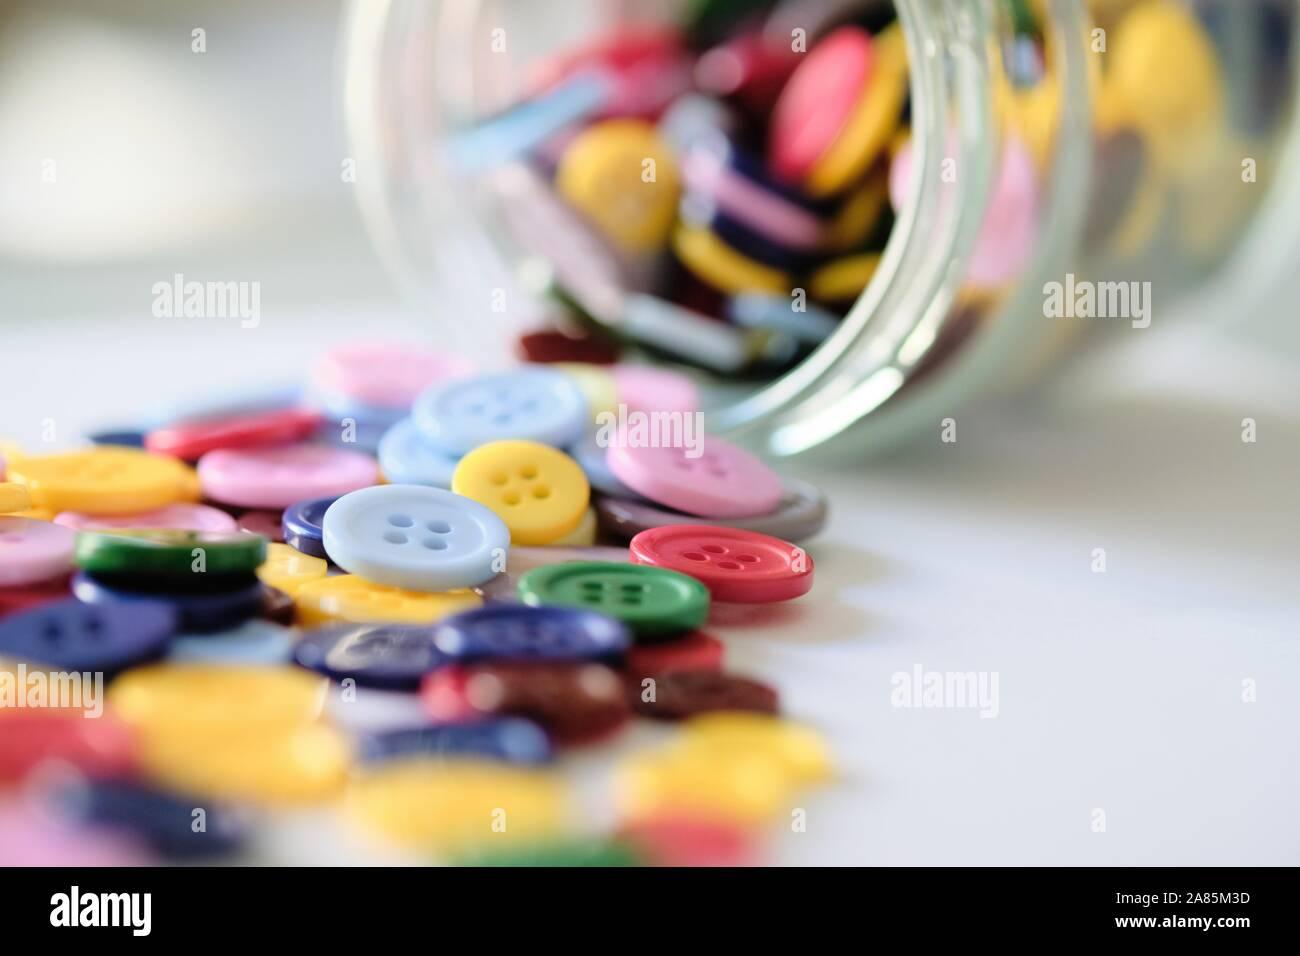 Gran grupo de coloridos cosiendo botones de plástico en una lata en la mesa, con espacio para copiar texto Foto de stock